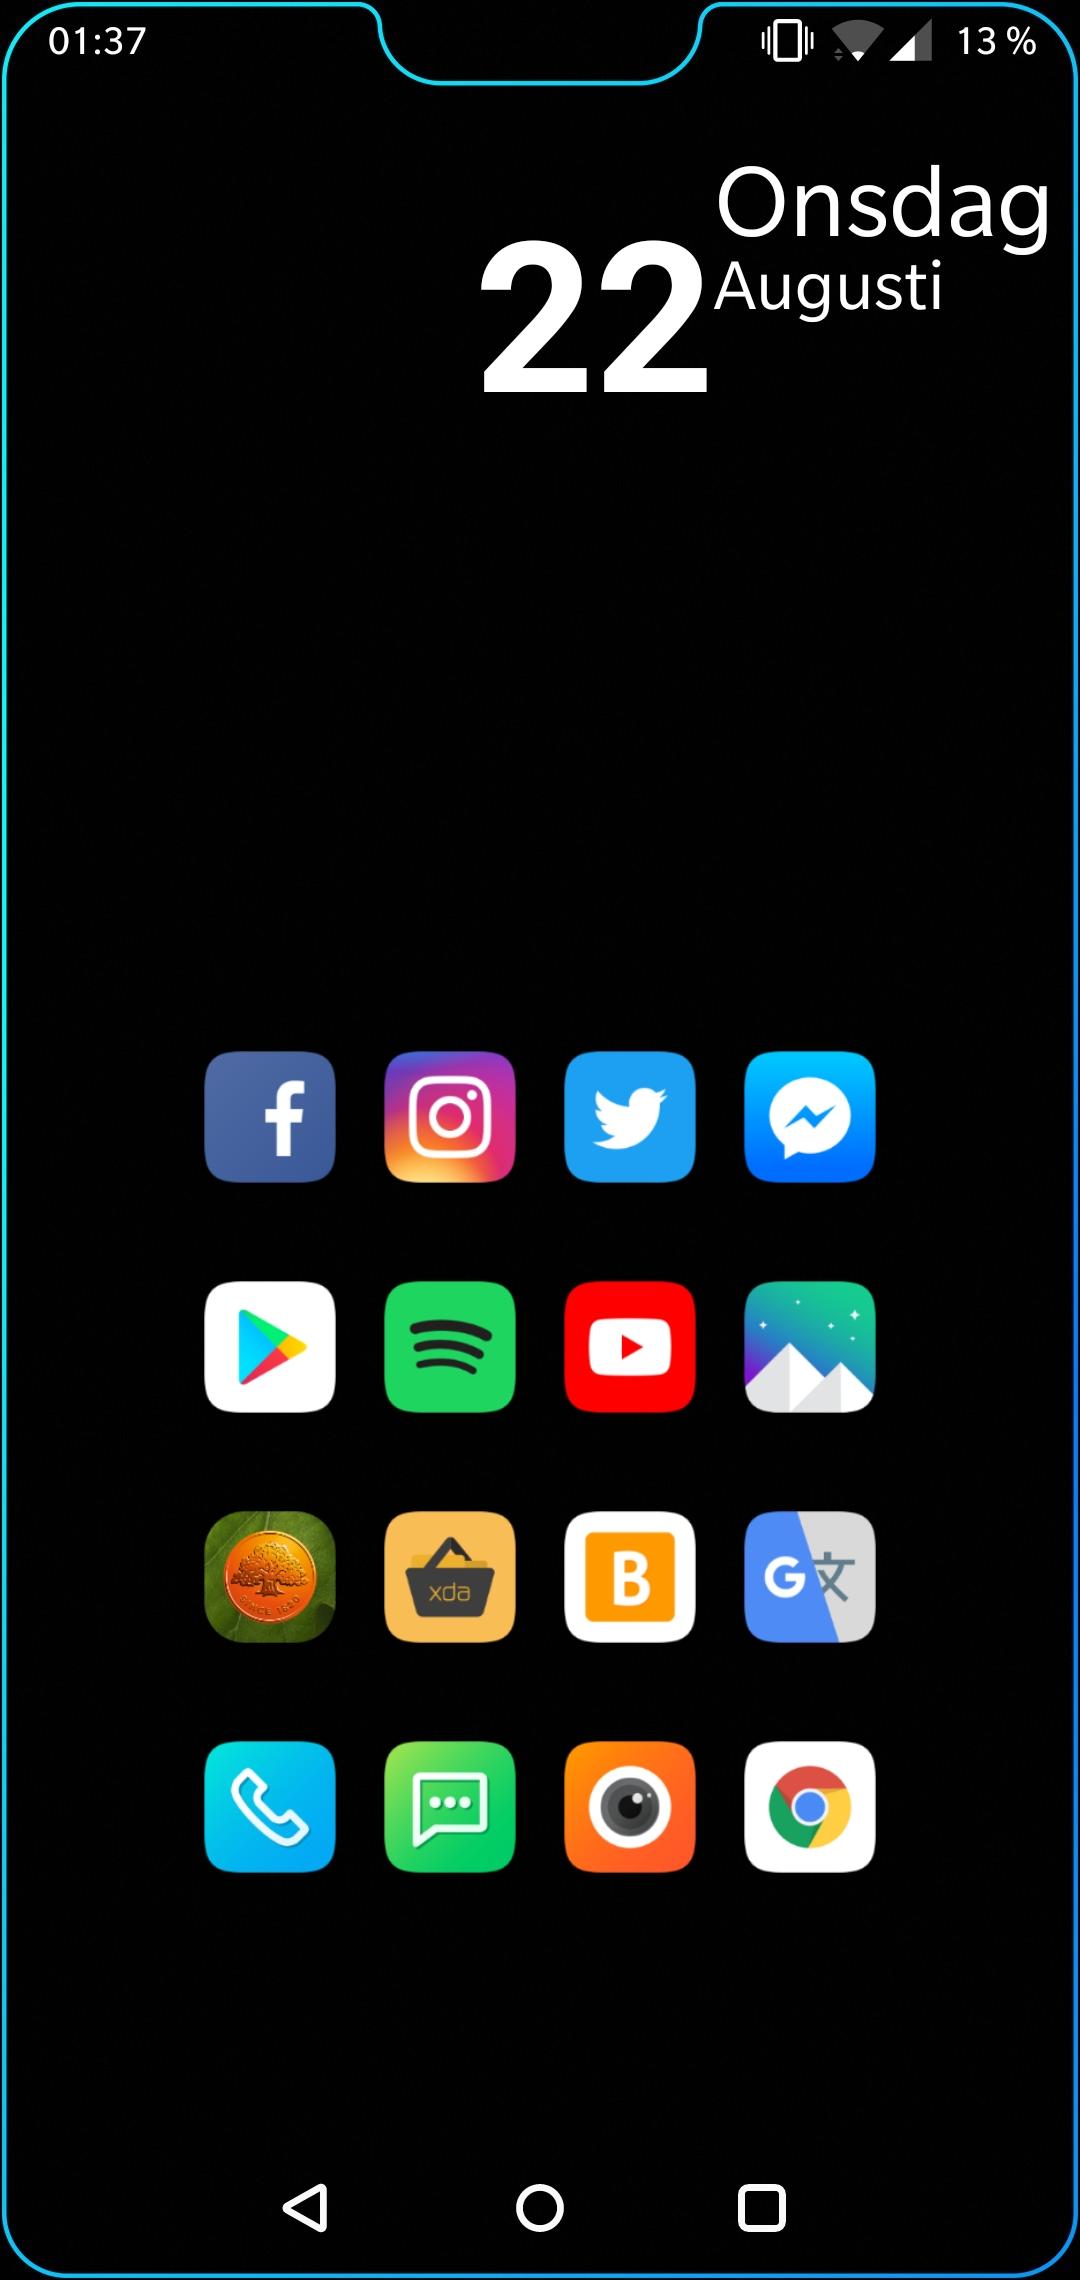 Screenshot_20180822-013701.jpg